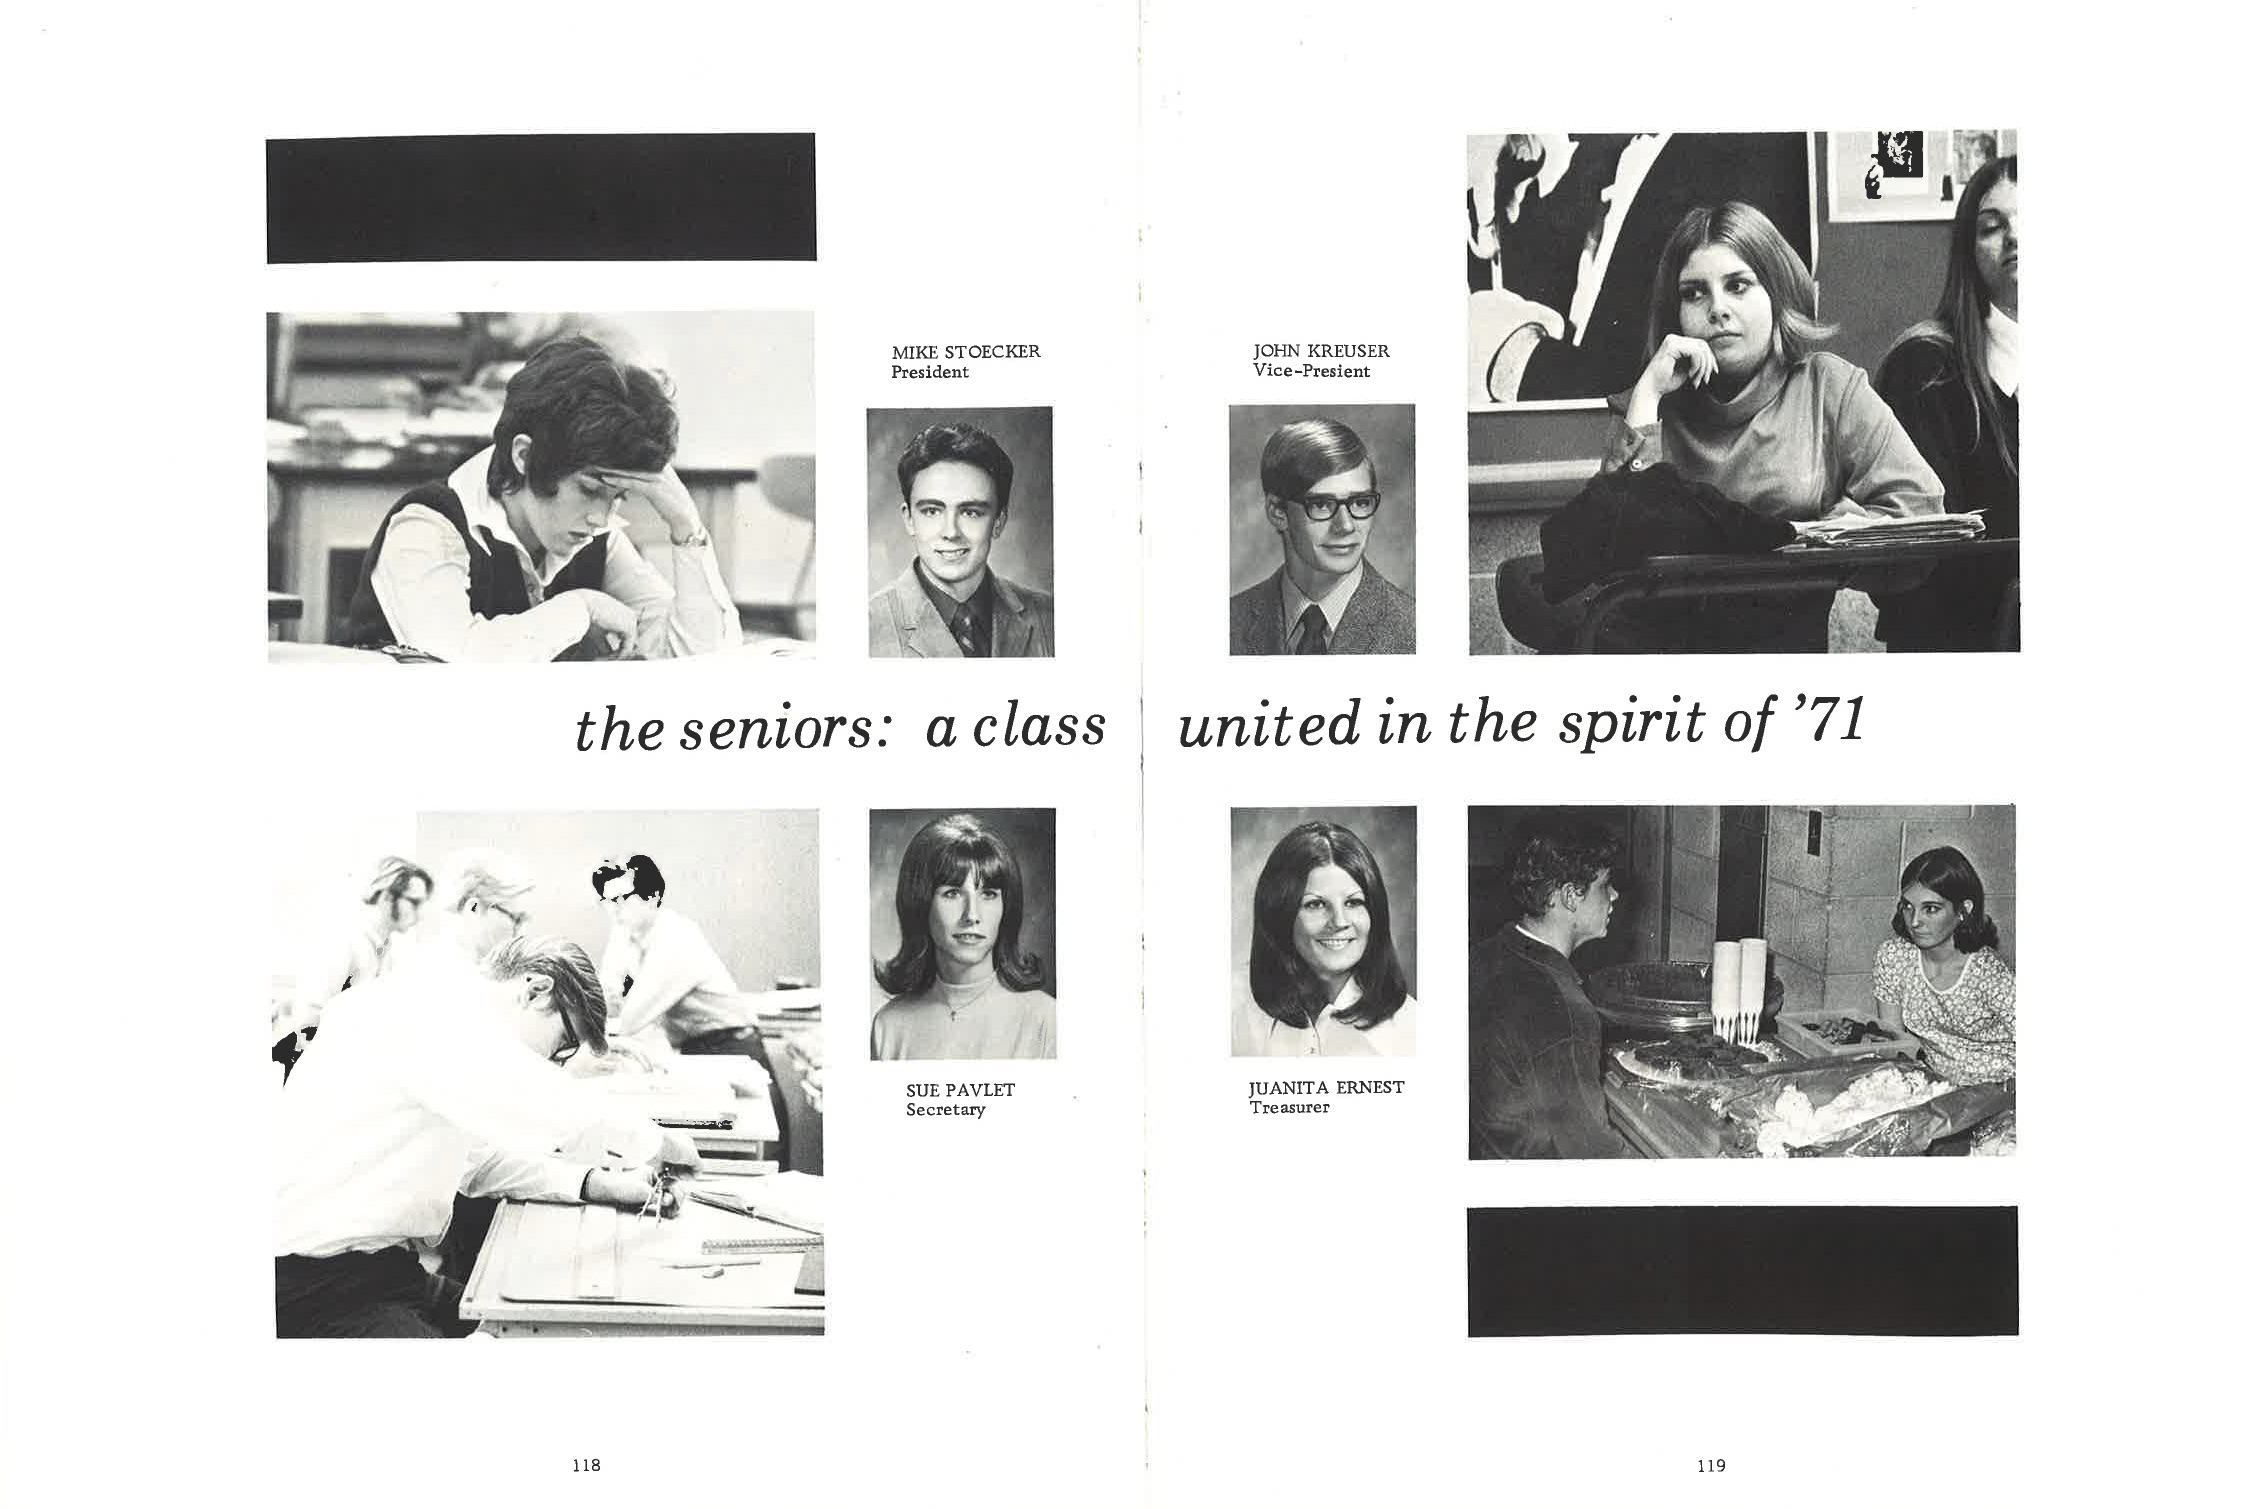 1971_Yearbook_118-119.jpg